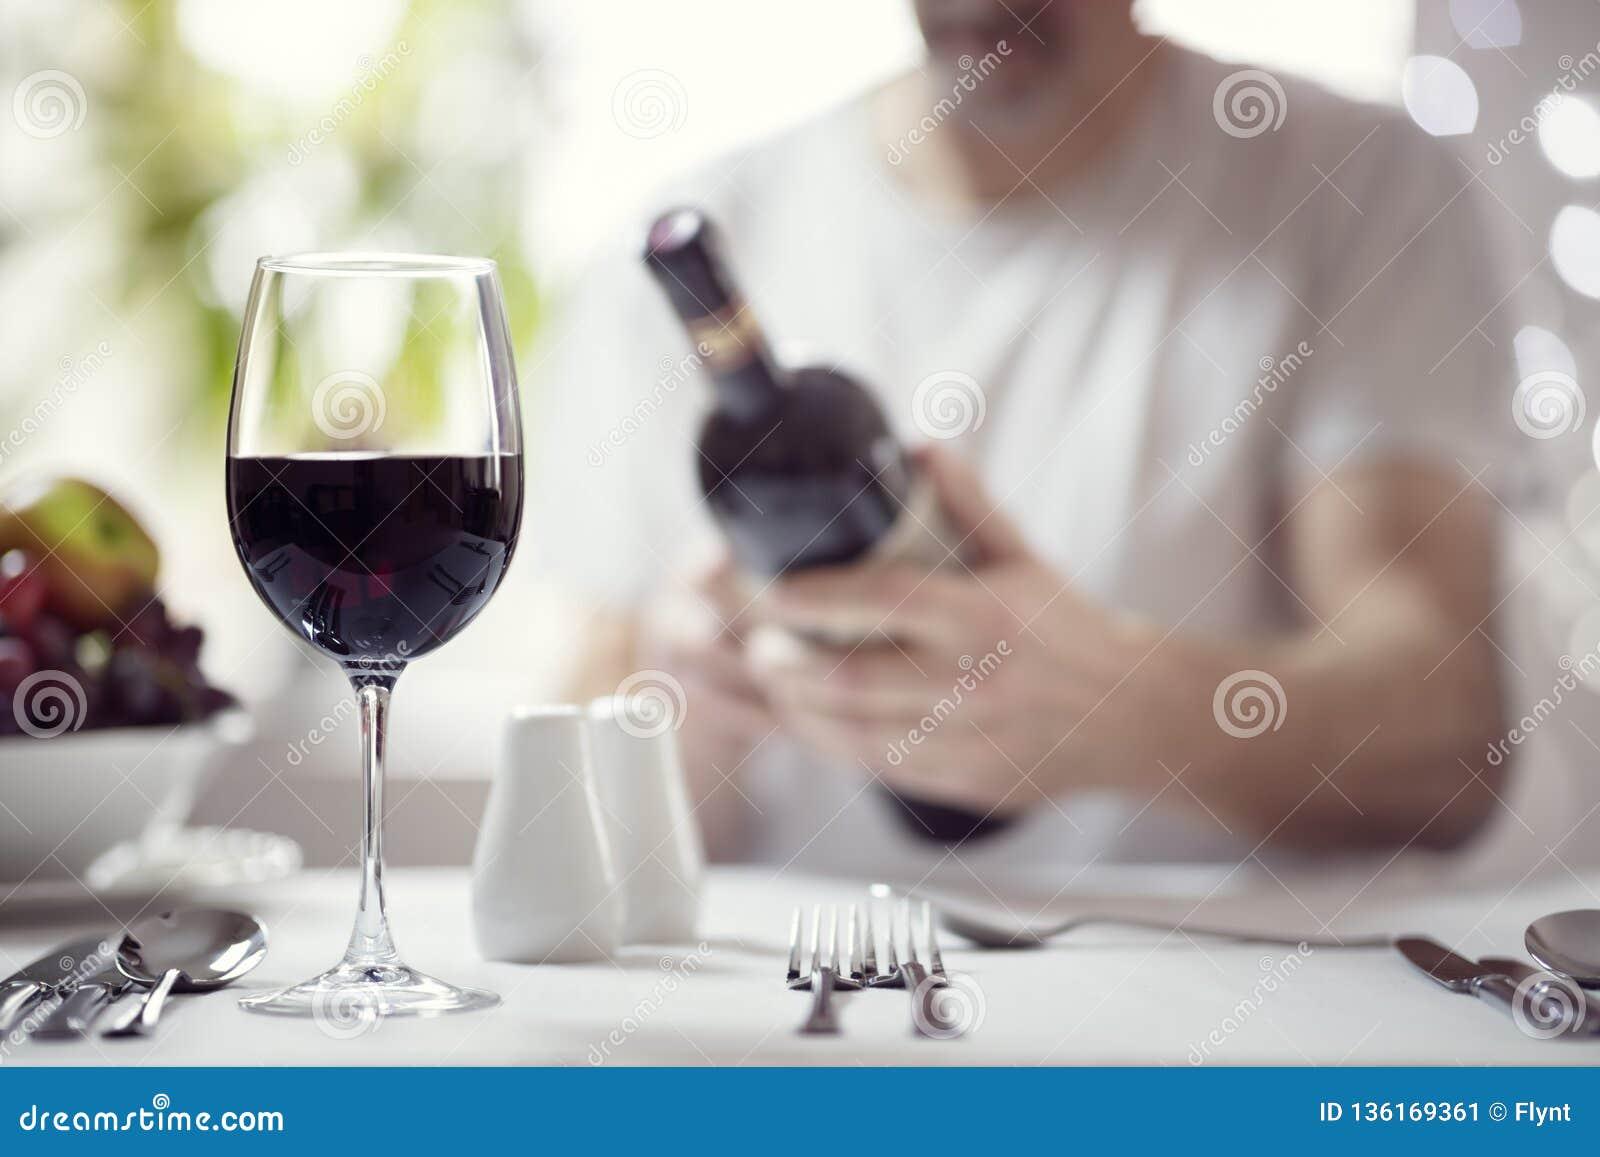 Άτομο που διαβάζει μια ετικέτα μπουκαλιών κρασιού στο εστιατόριο